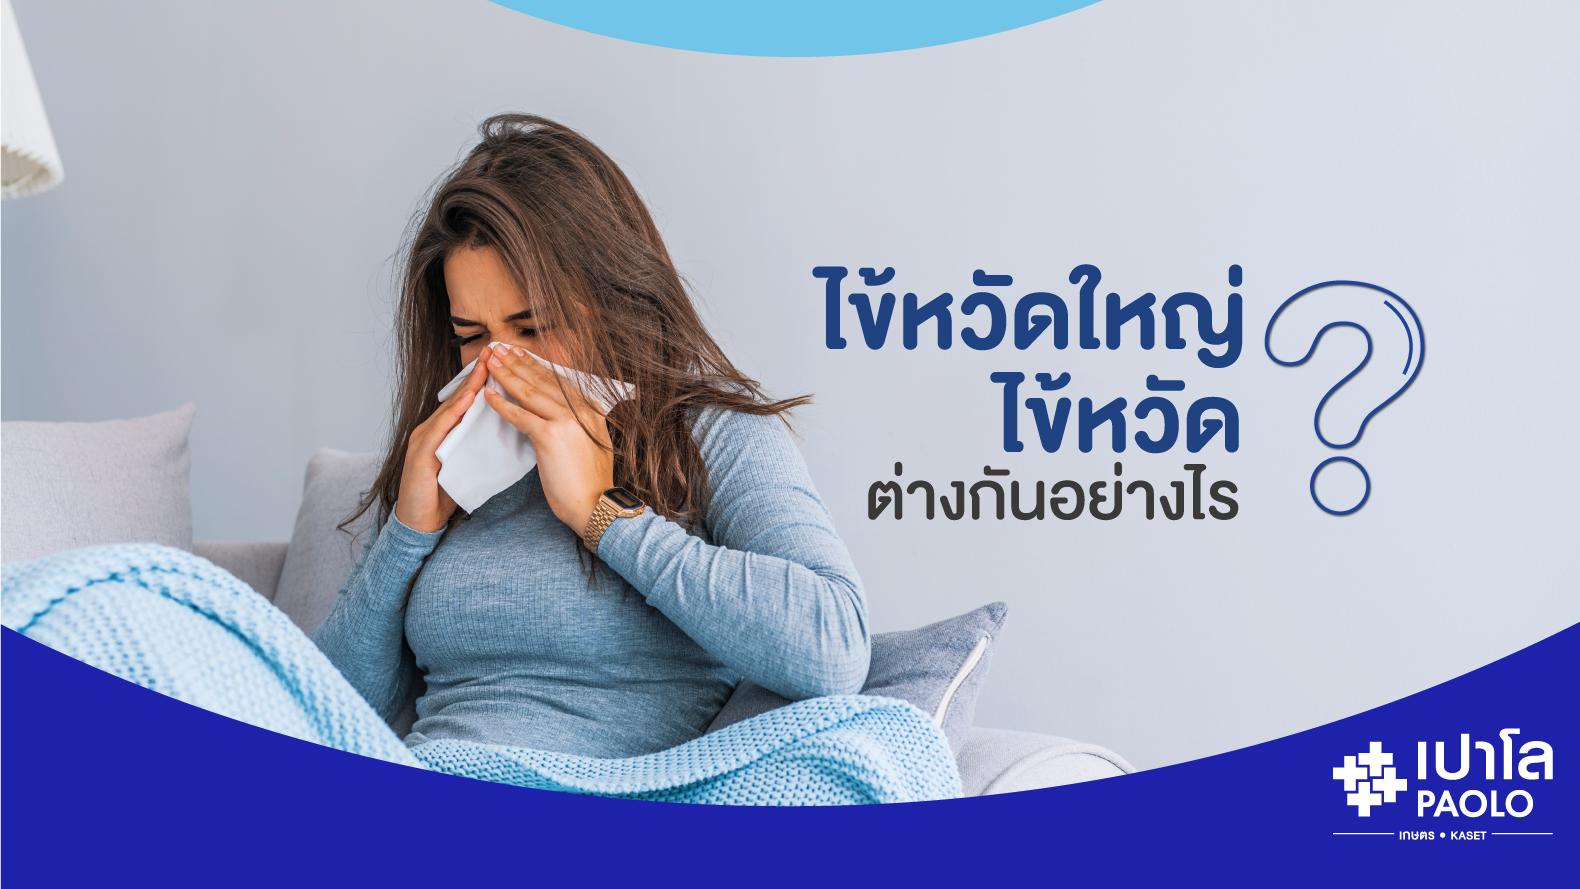 สุขภาพดี ห่างไกลไข้หวัดใหญ่